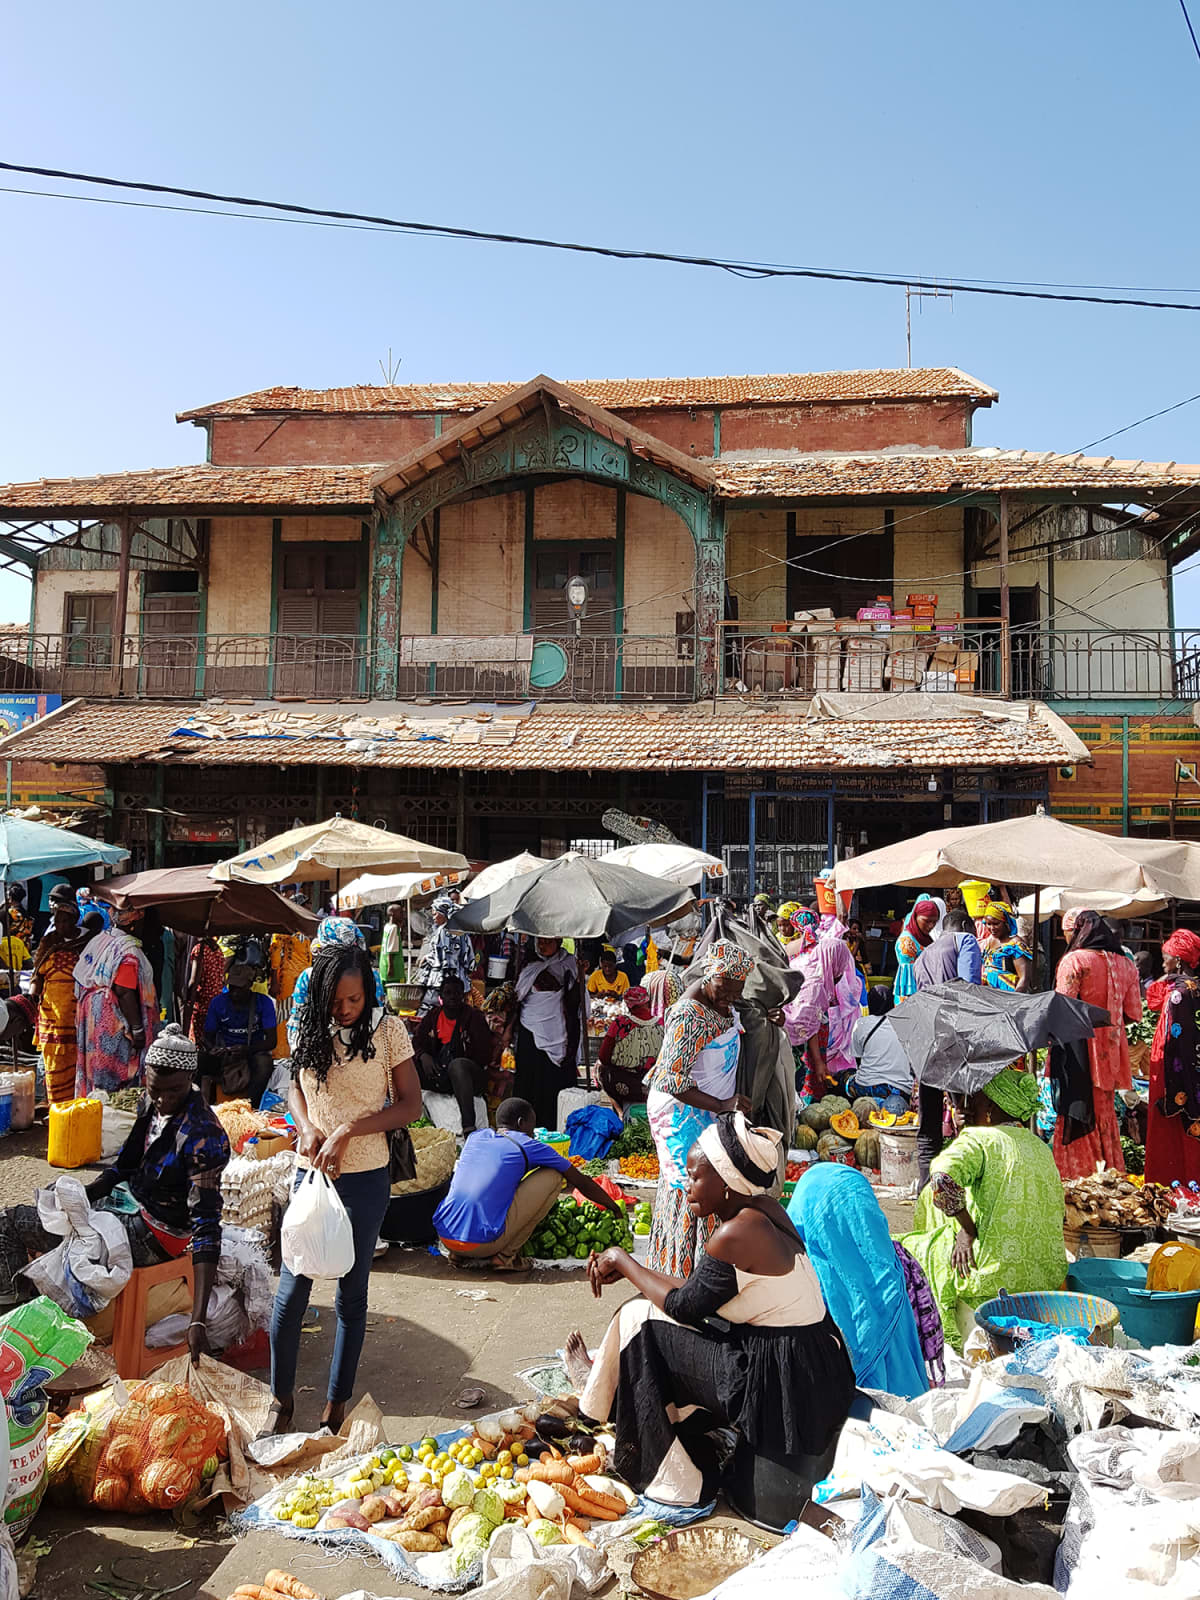 Kuvassa on taustalla siirtomaa-aikainen rakennus ja edessä hedelmä- ja vihannestori, myyjiä ja asiakkaita.